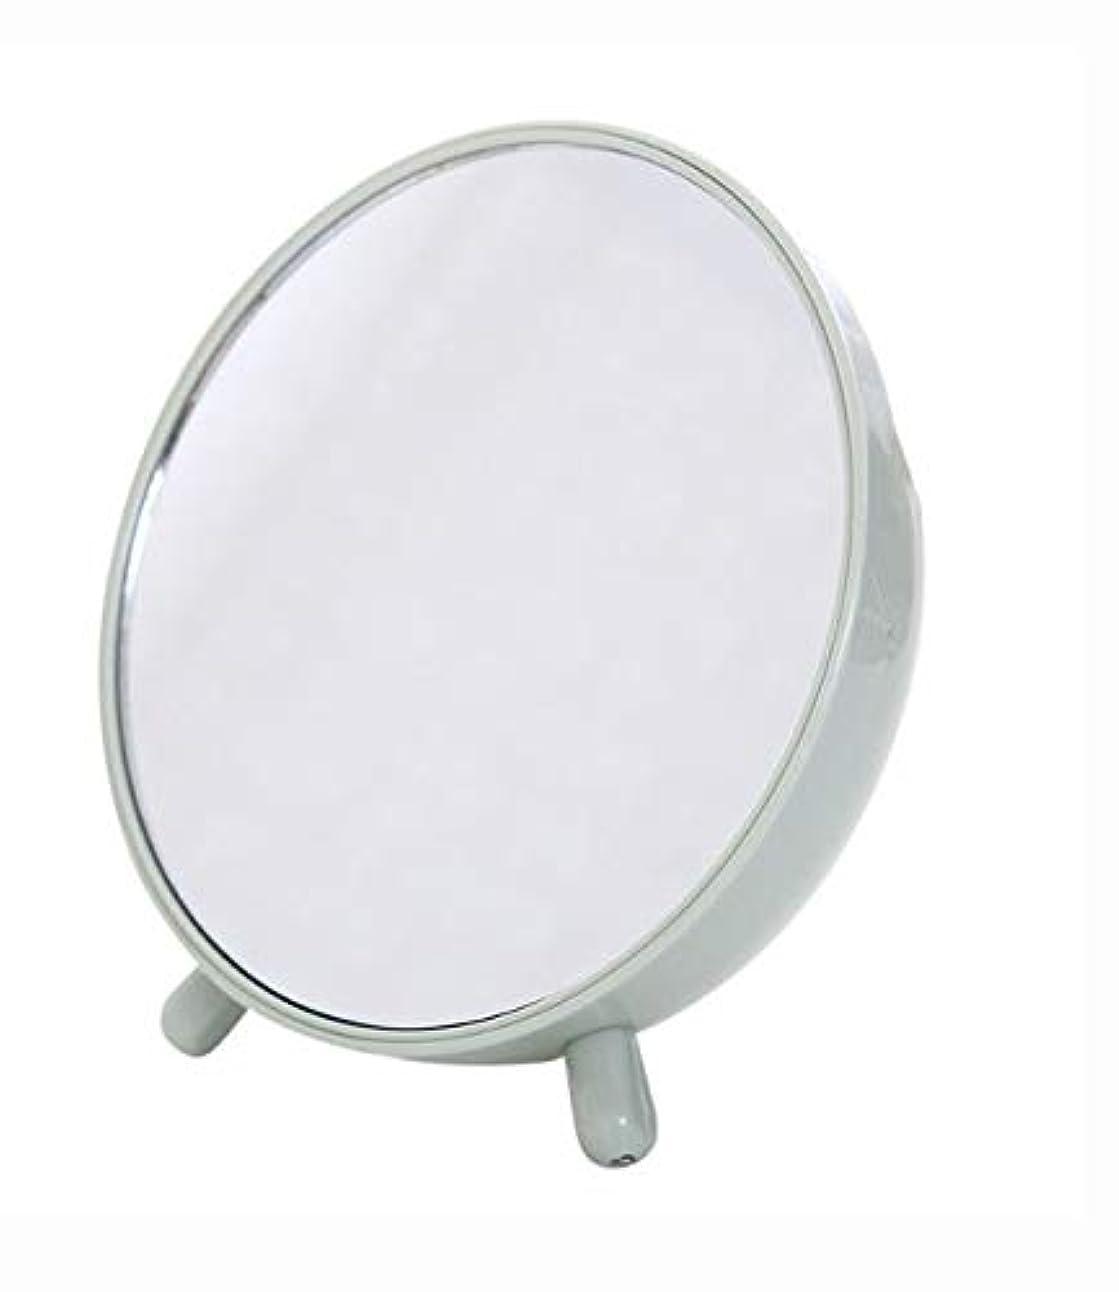 傷つきやすい電気的従事する化粧鏡、収納箱の化粧品のギフトが付いている緑の簡単な円形のテーブルの化粧鏡